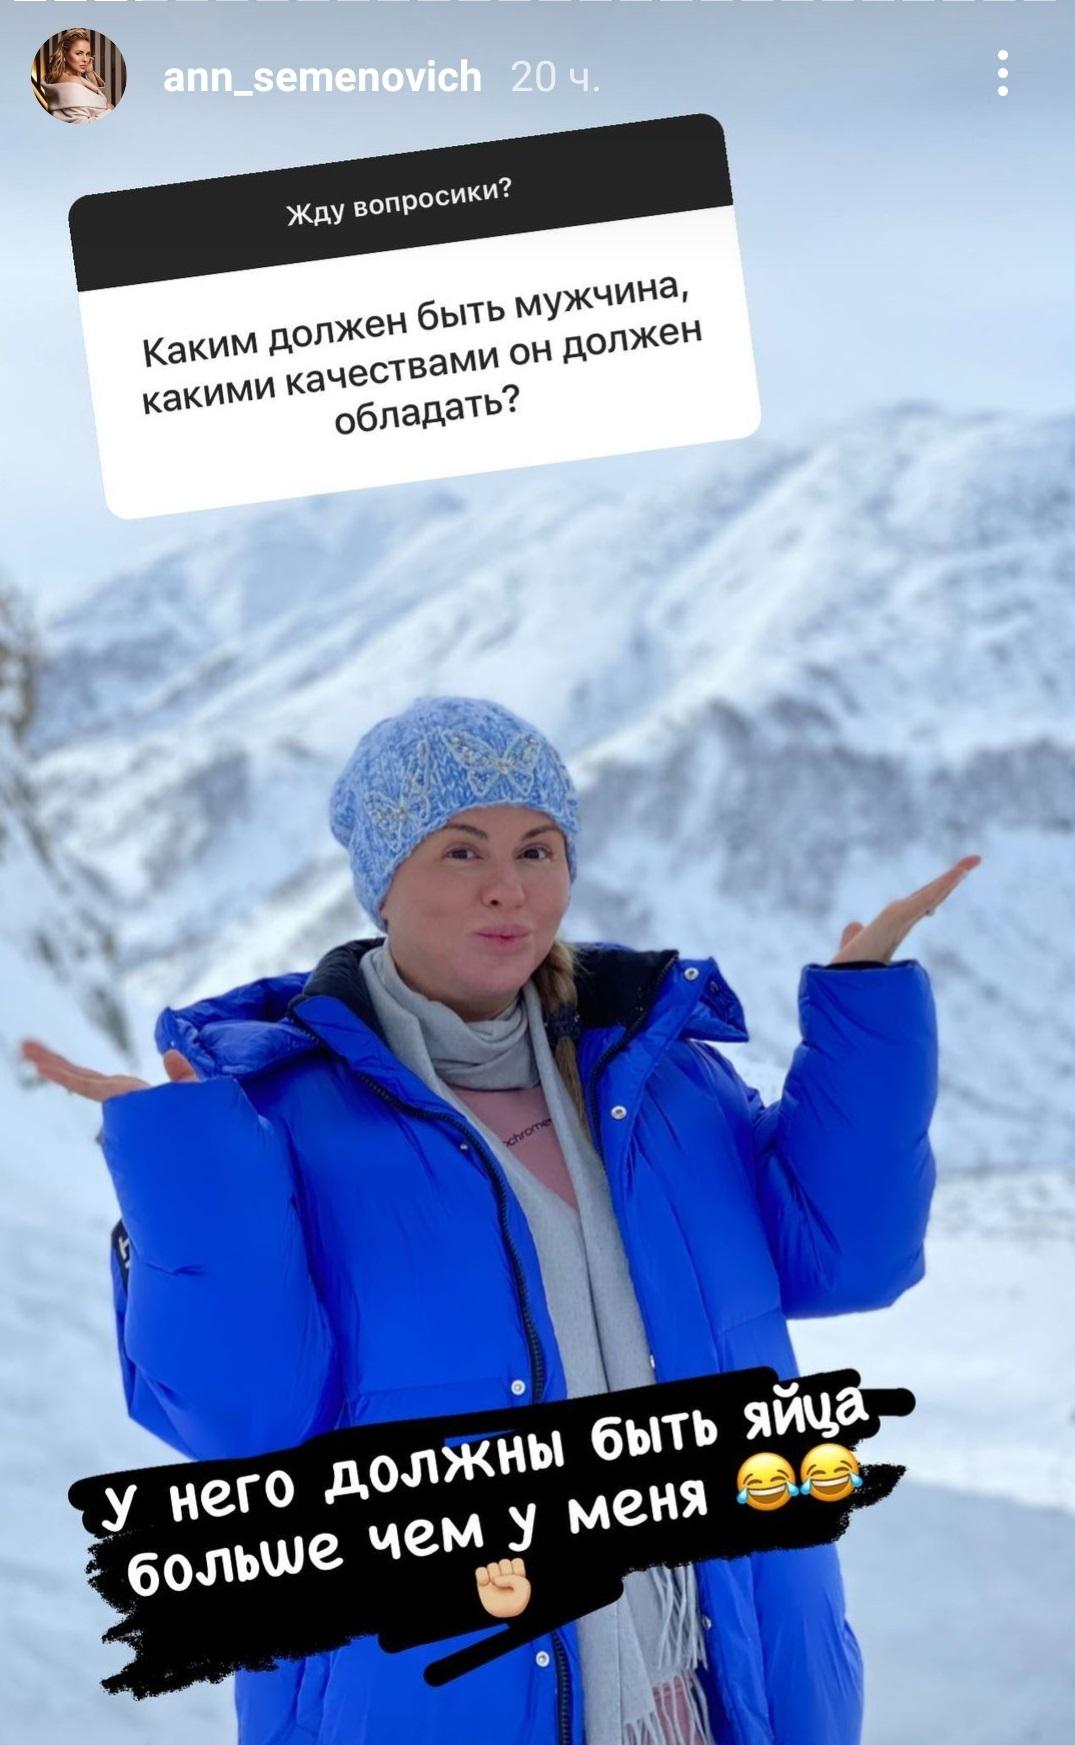 Анна Семенович озвучила пикантное требование к избраннику